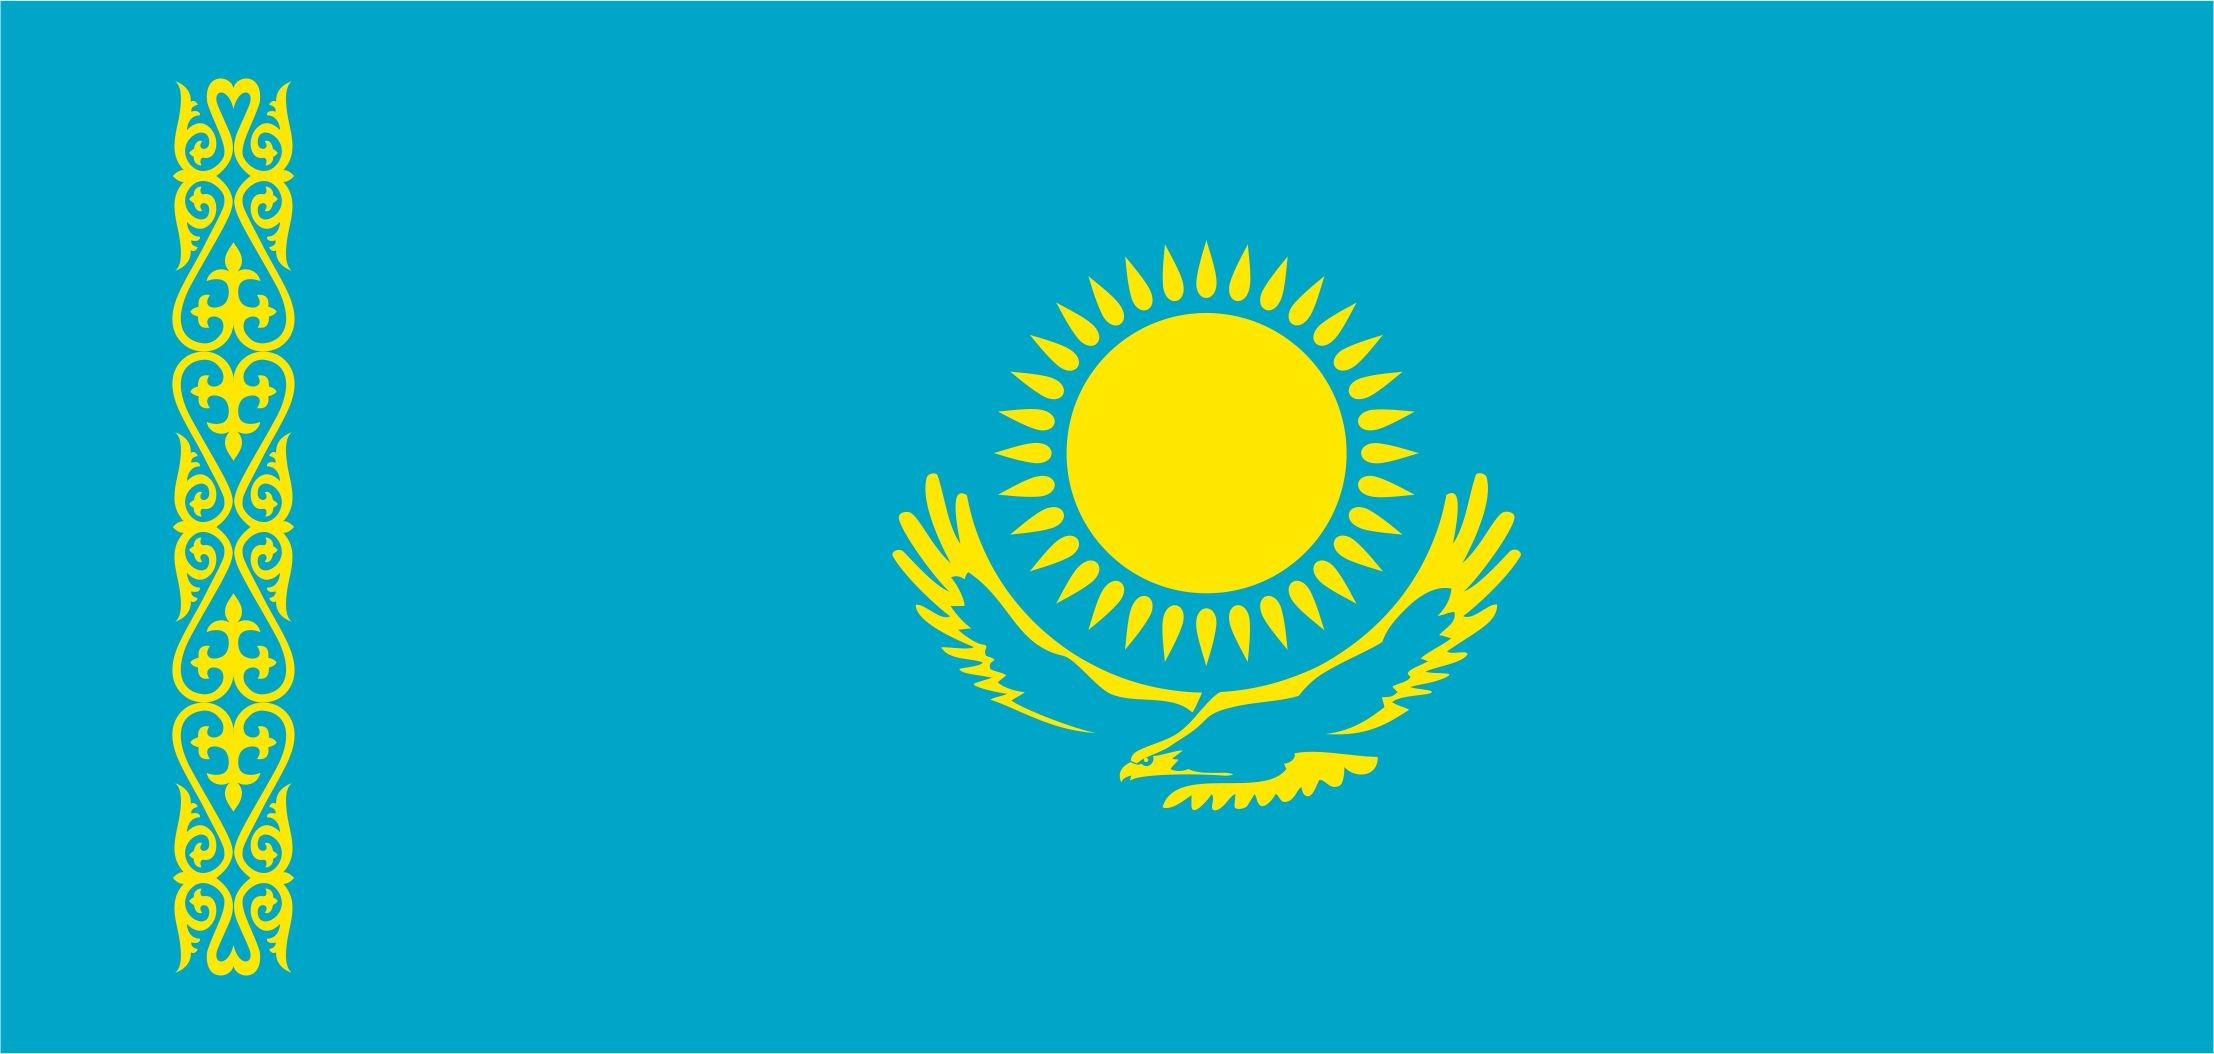 Казахстанцам разрешили вывешивать на балконах государственный флаг